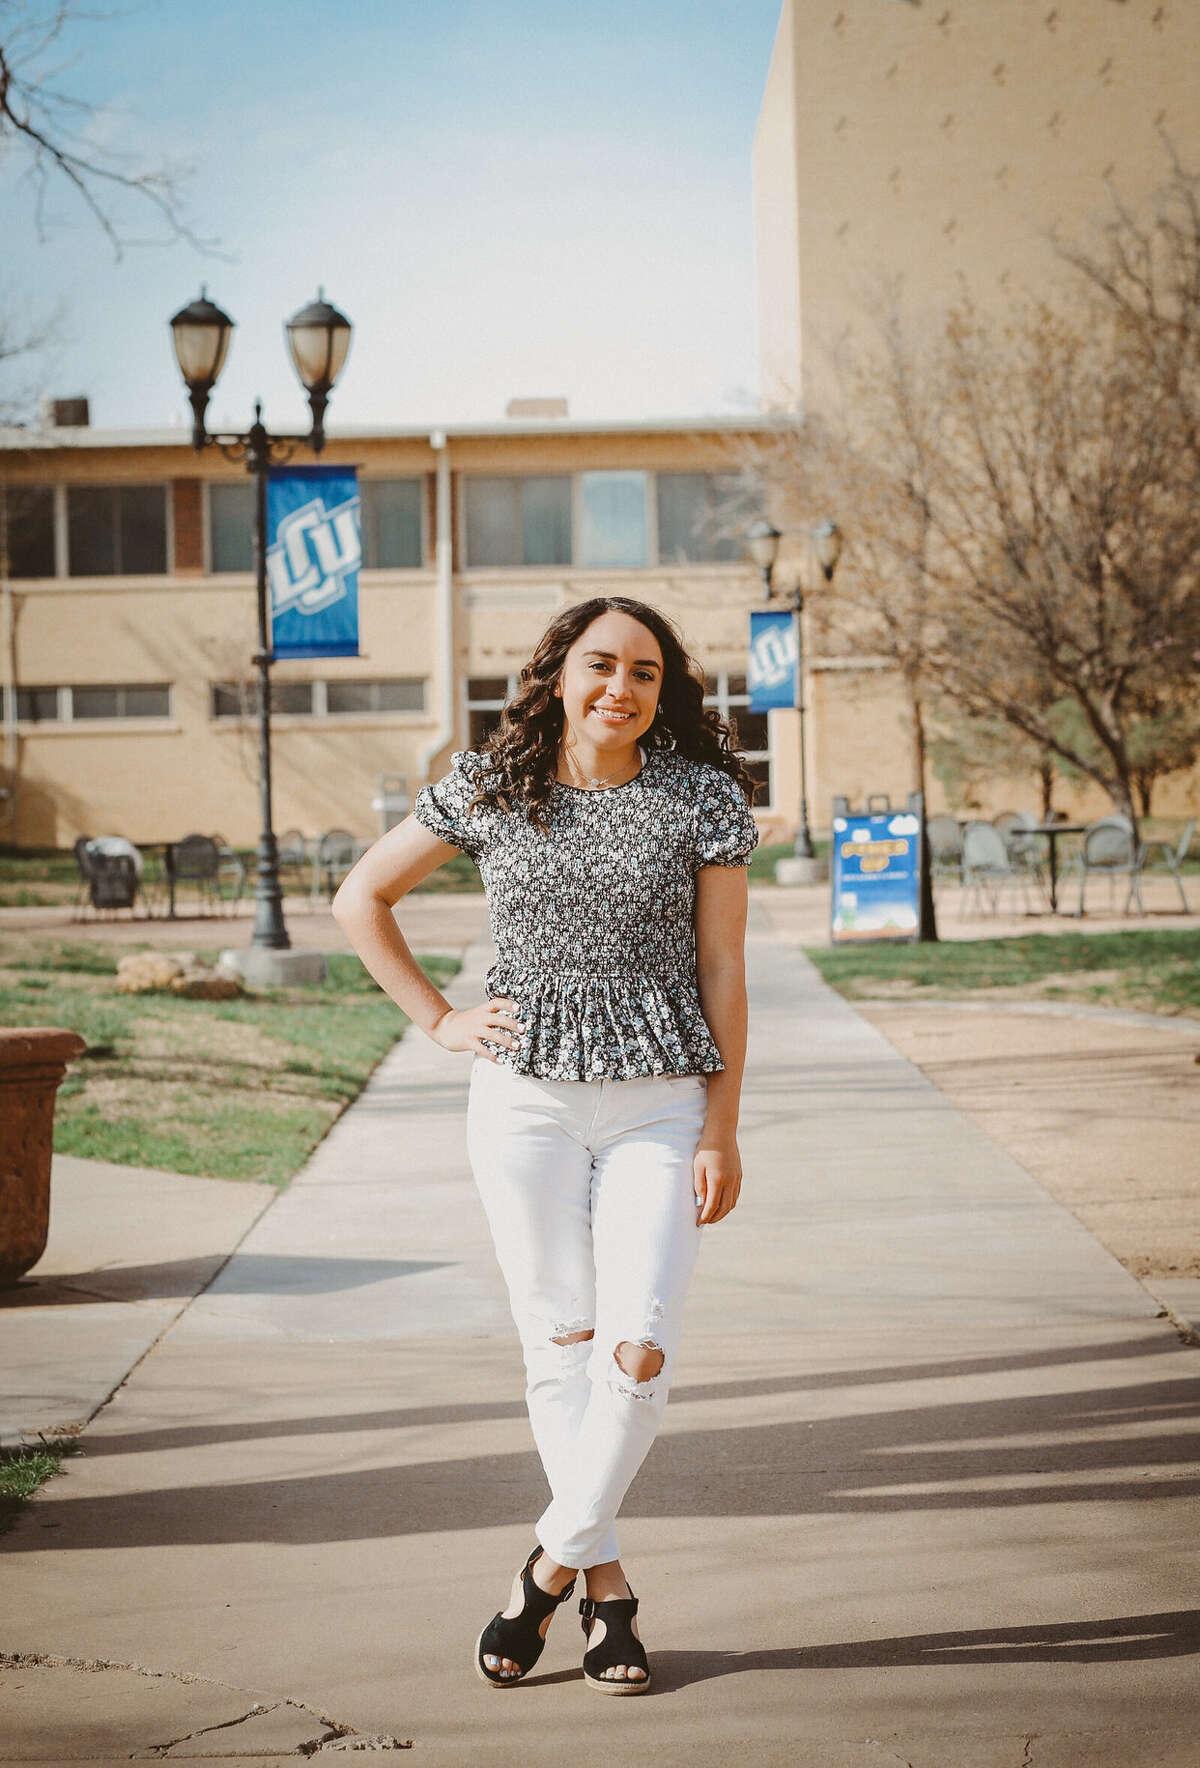 Recent Petersburg graduate Alexa Livar has been chosen as one of five recipients of Lubbock Christian University's Cornerstone Scholars for the 2021-22 school year.